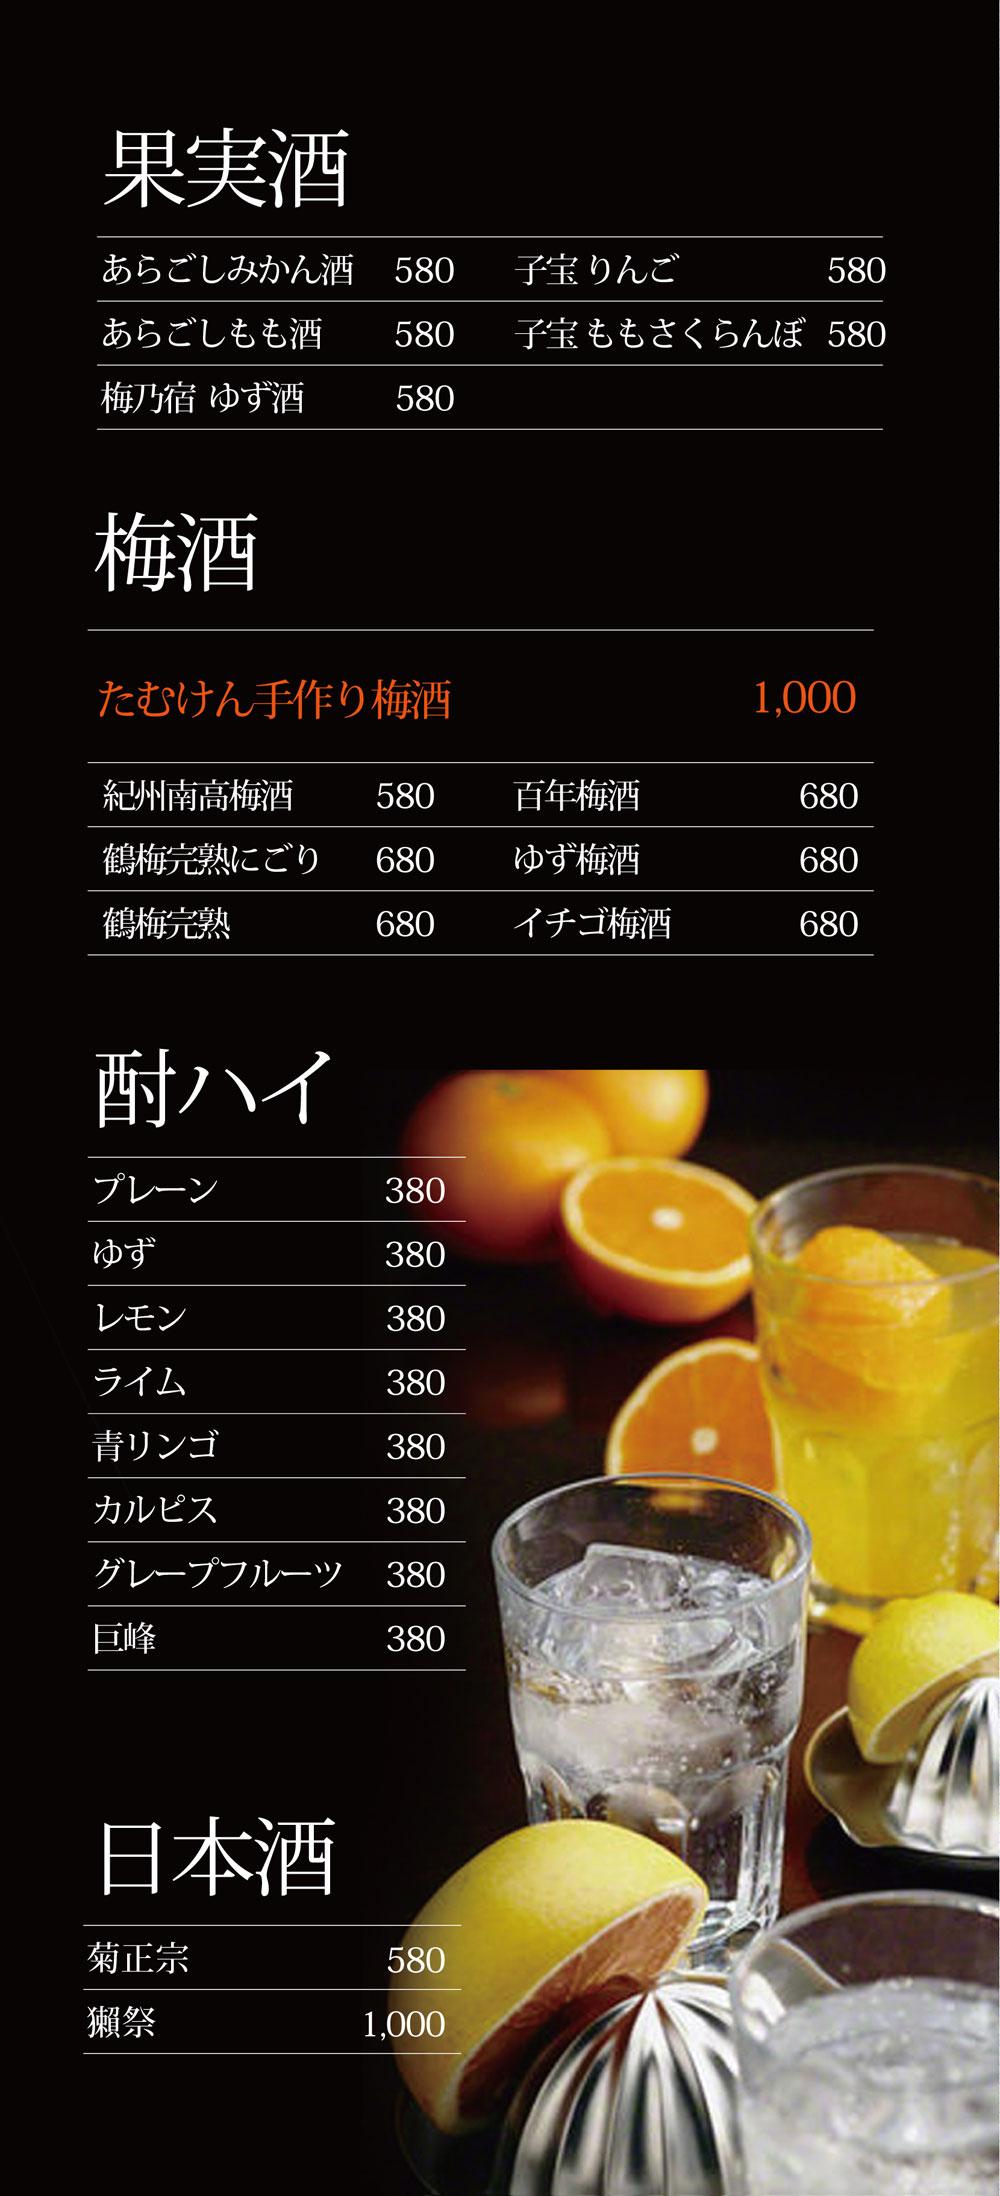 果実酒・梅酒・酎ハイメニュー